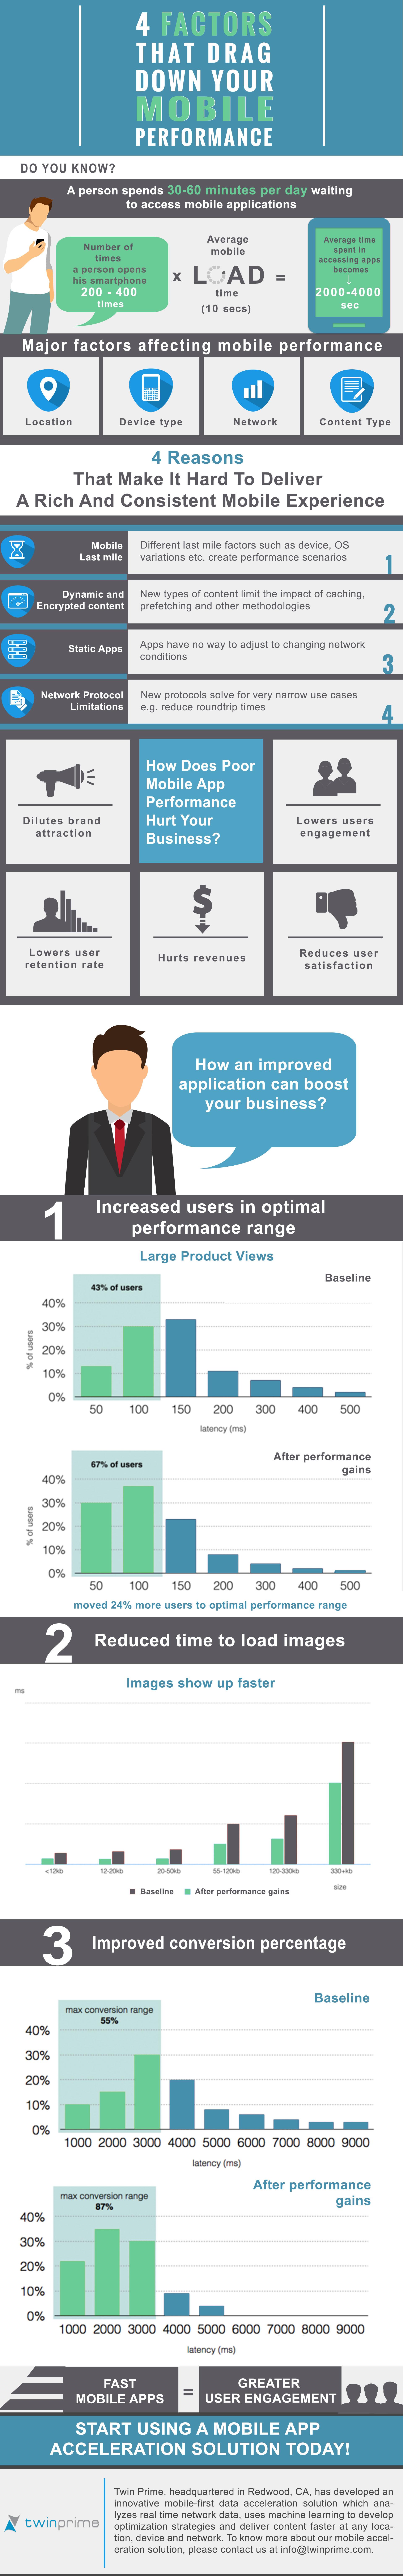 4 Critical Factors That Drag Down Mobile App's Performance